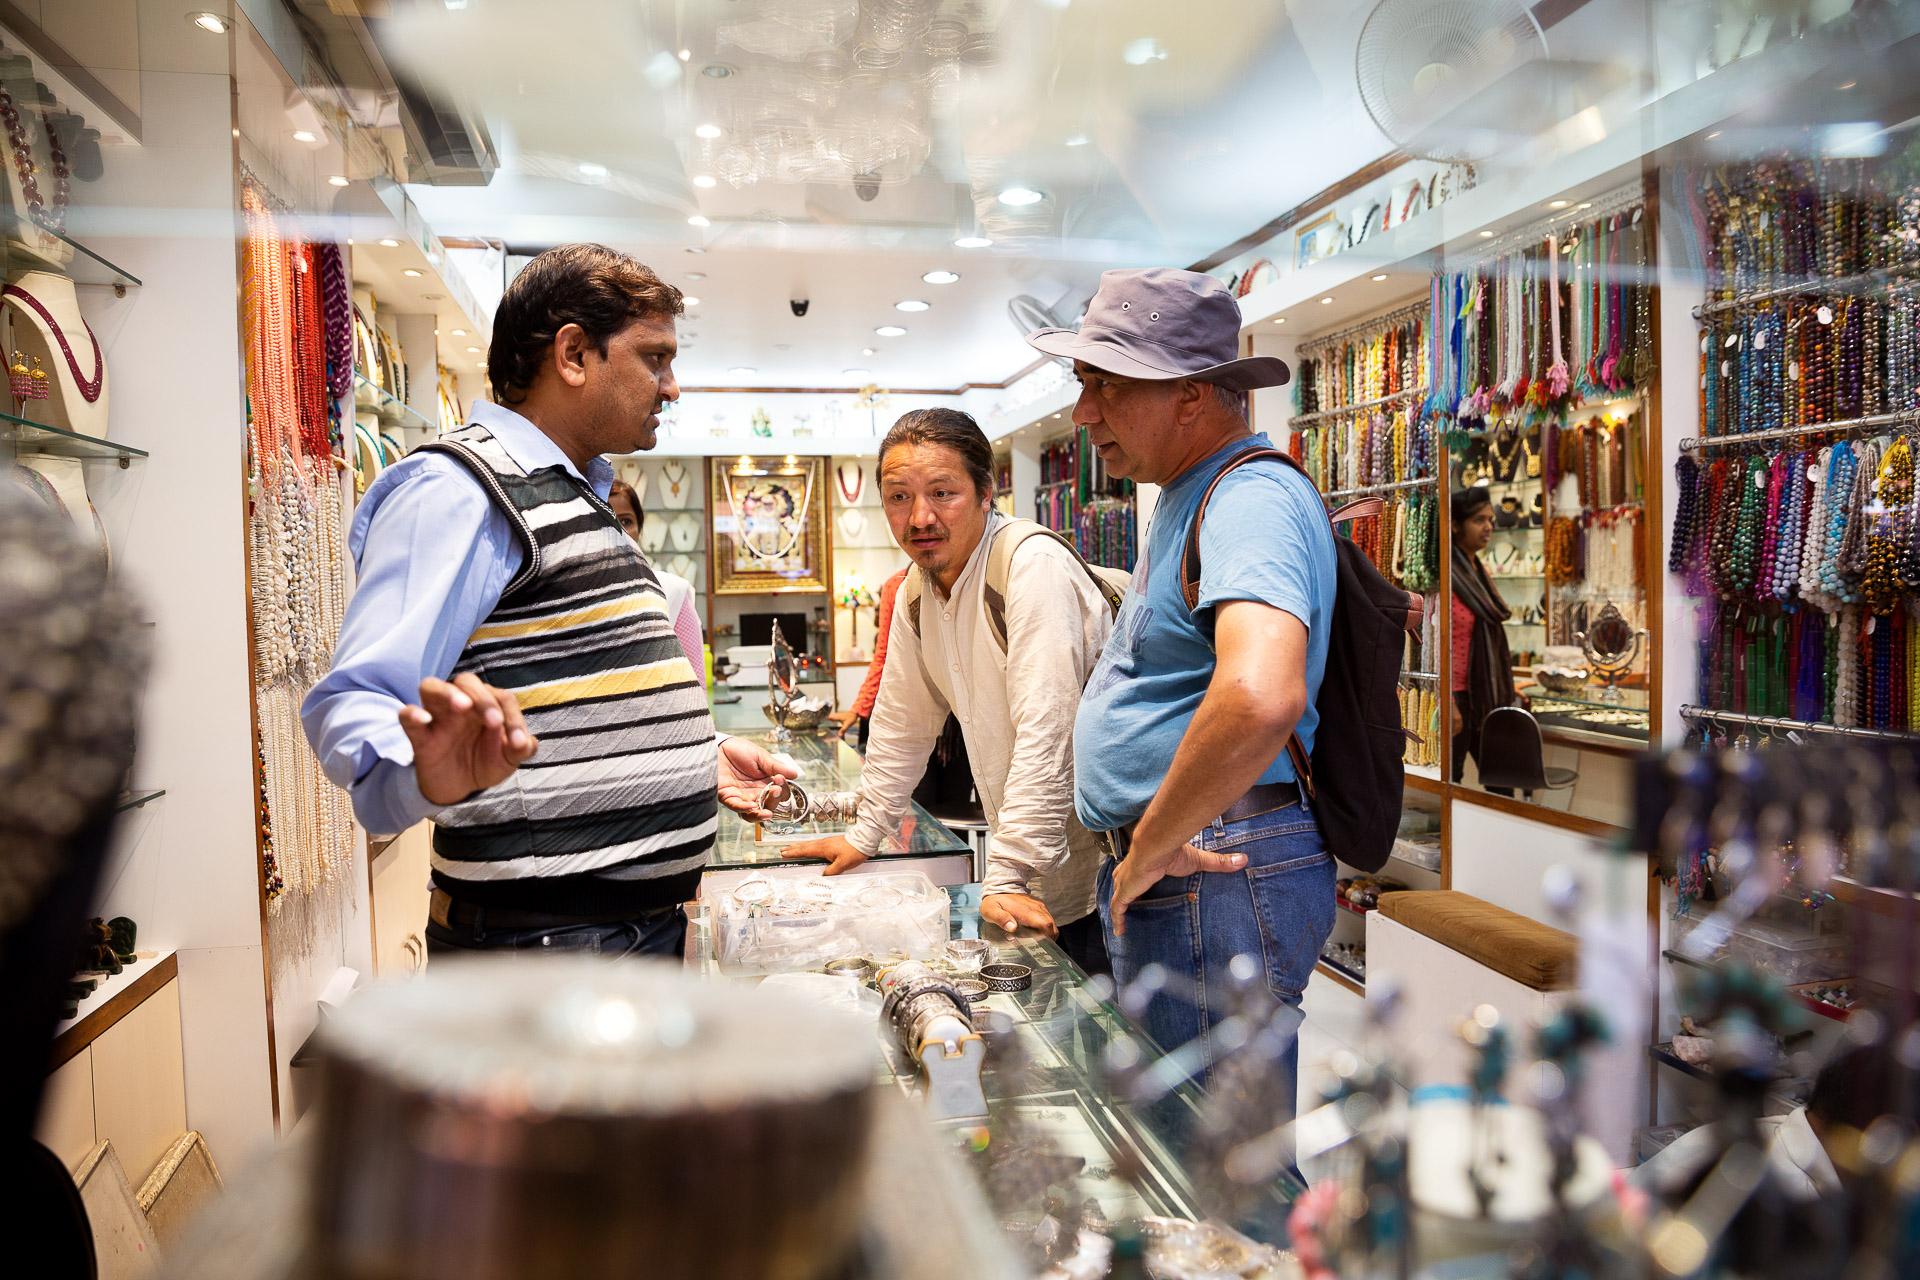 Der Reiseguide unserer Fotoreise hilft dir natürlich auch bei wichtigen Einkäufen am Bazaar.